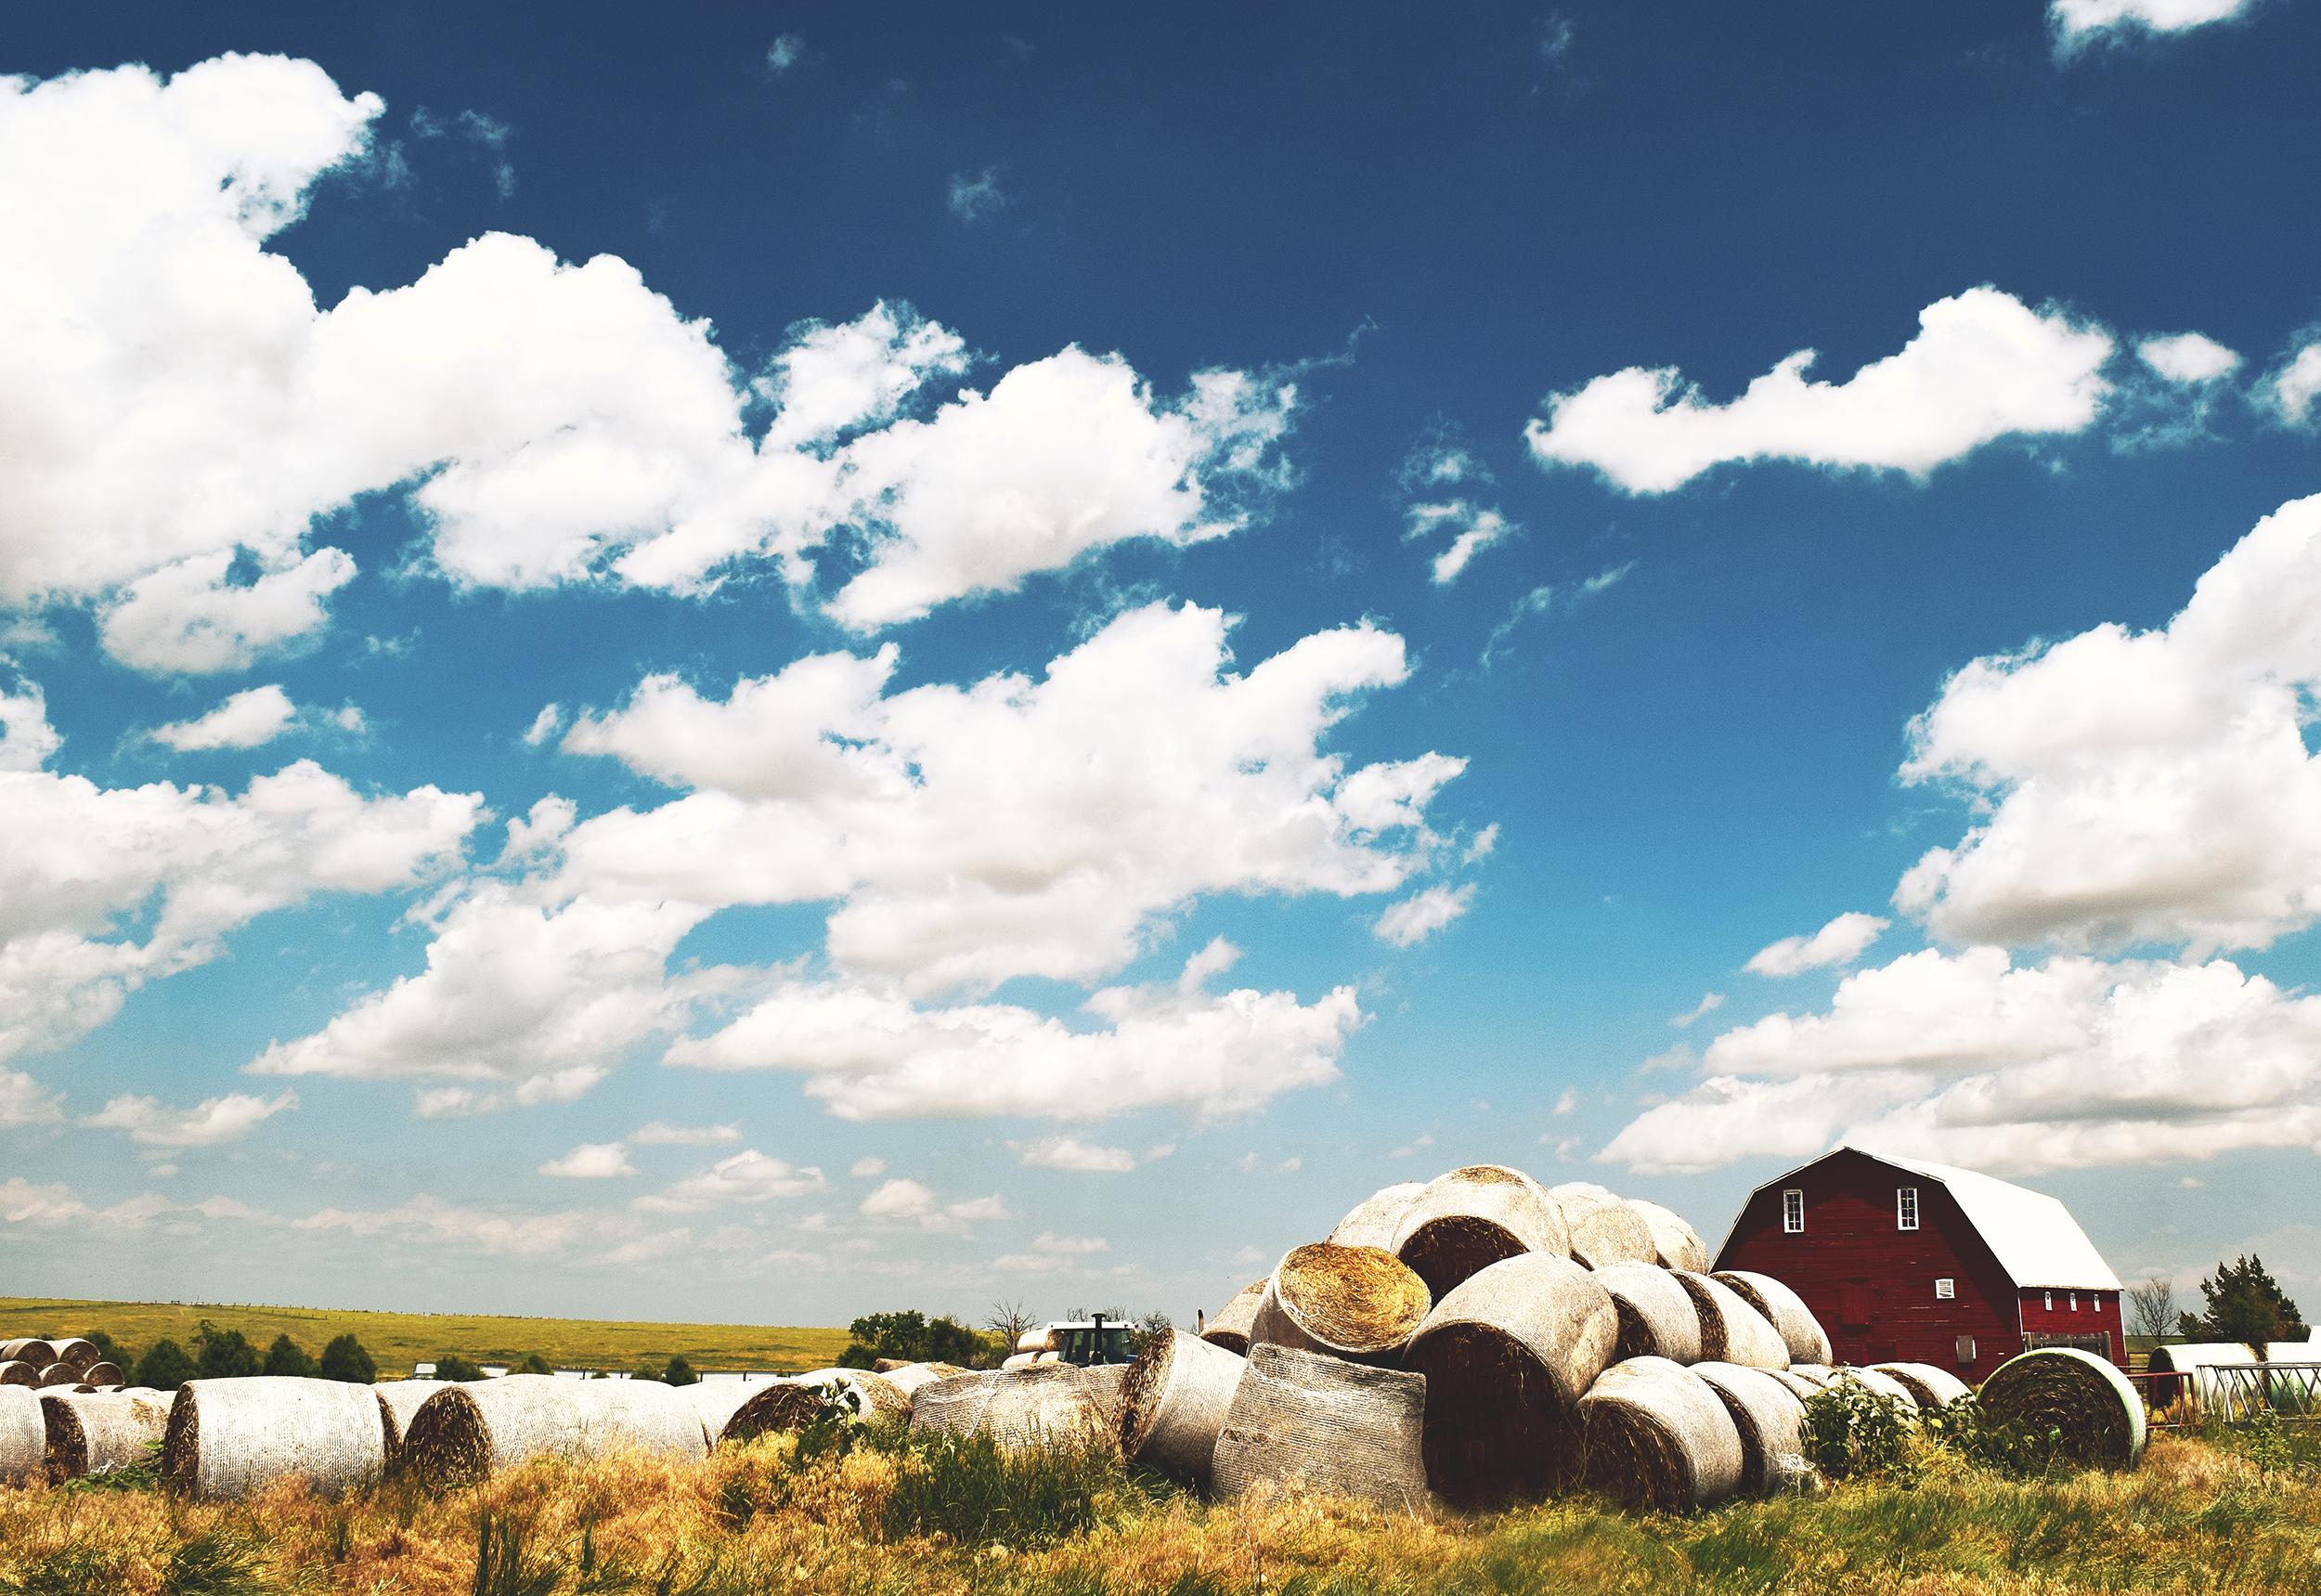 barn_bails_sky.jpg